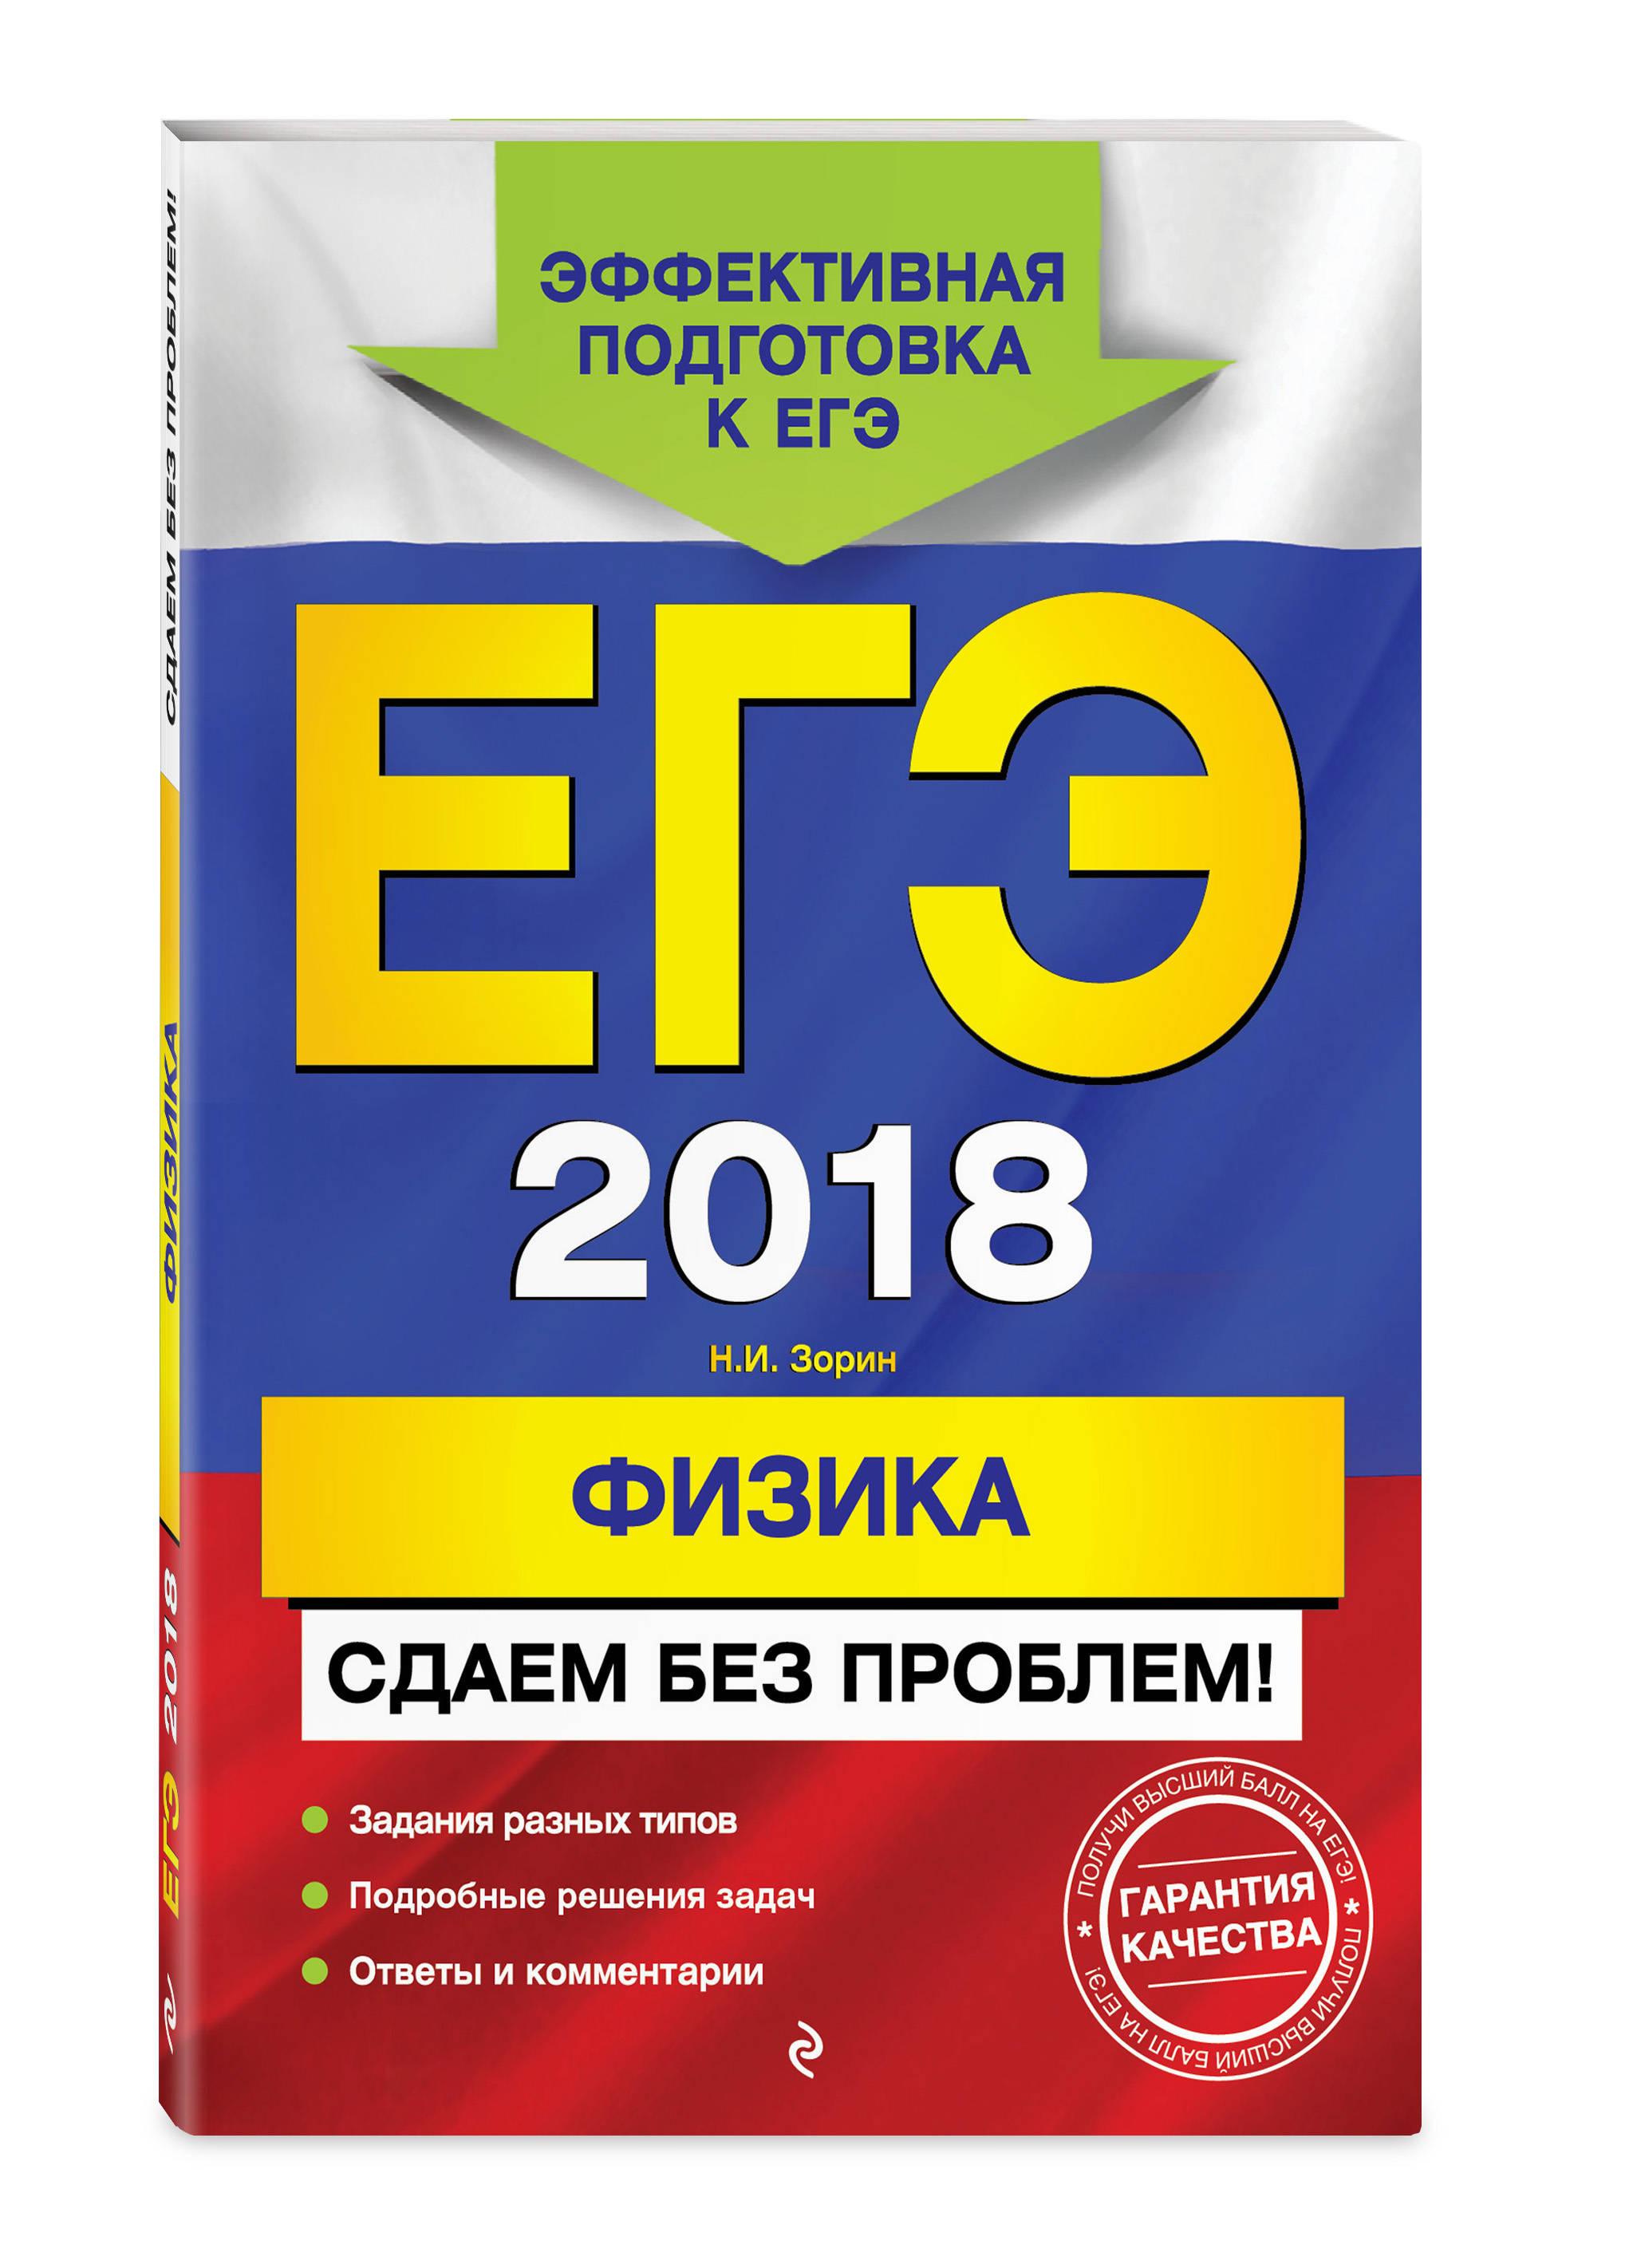 ЕГЭ-2018. Физика. Сдаем без проблем! от book24.ru